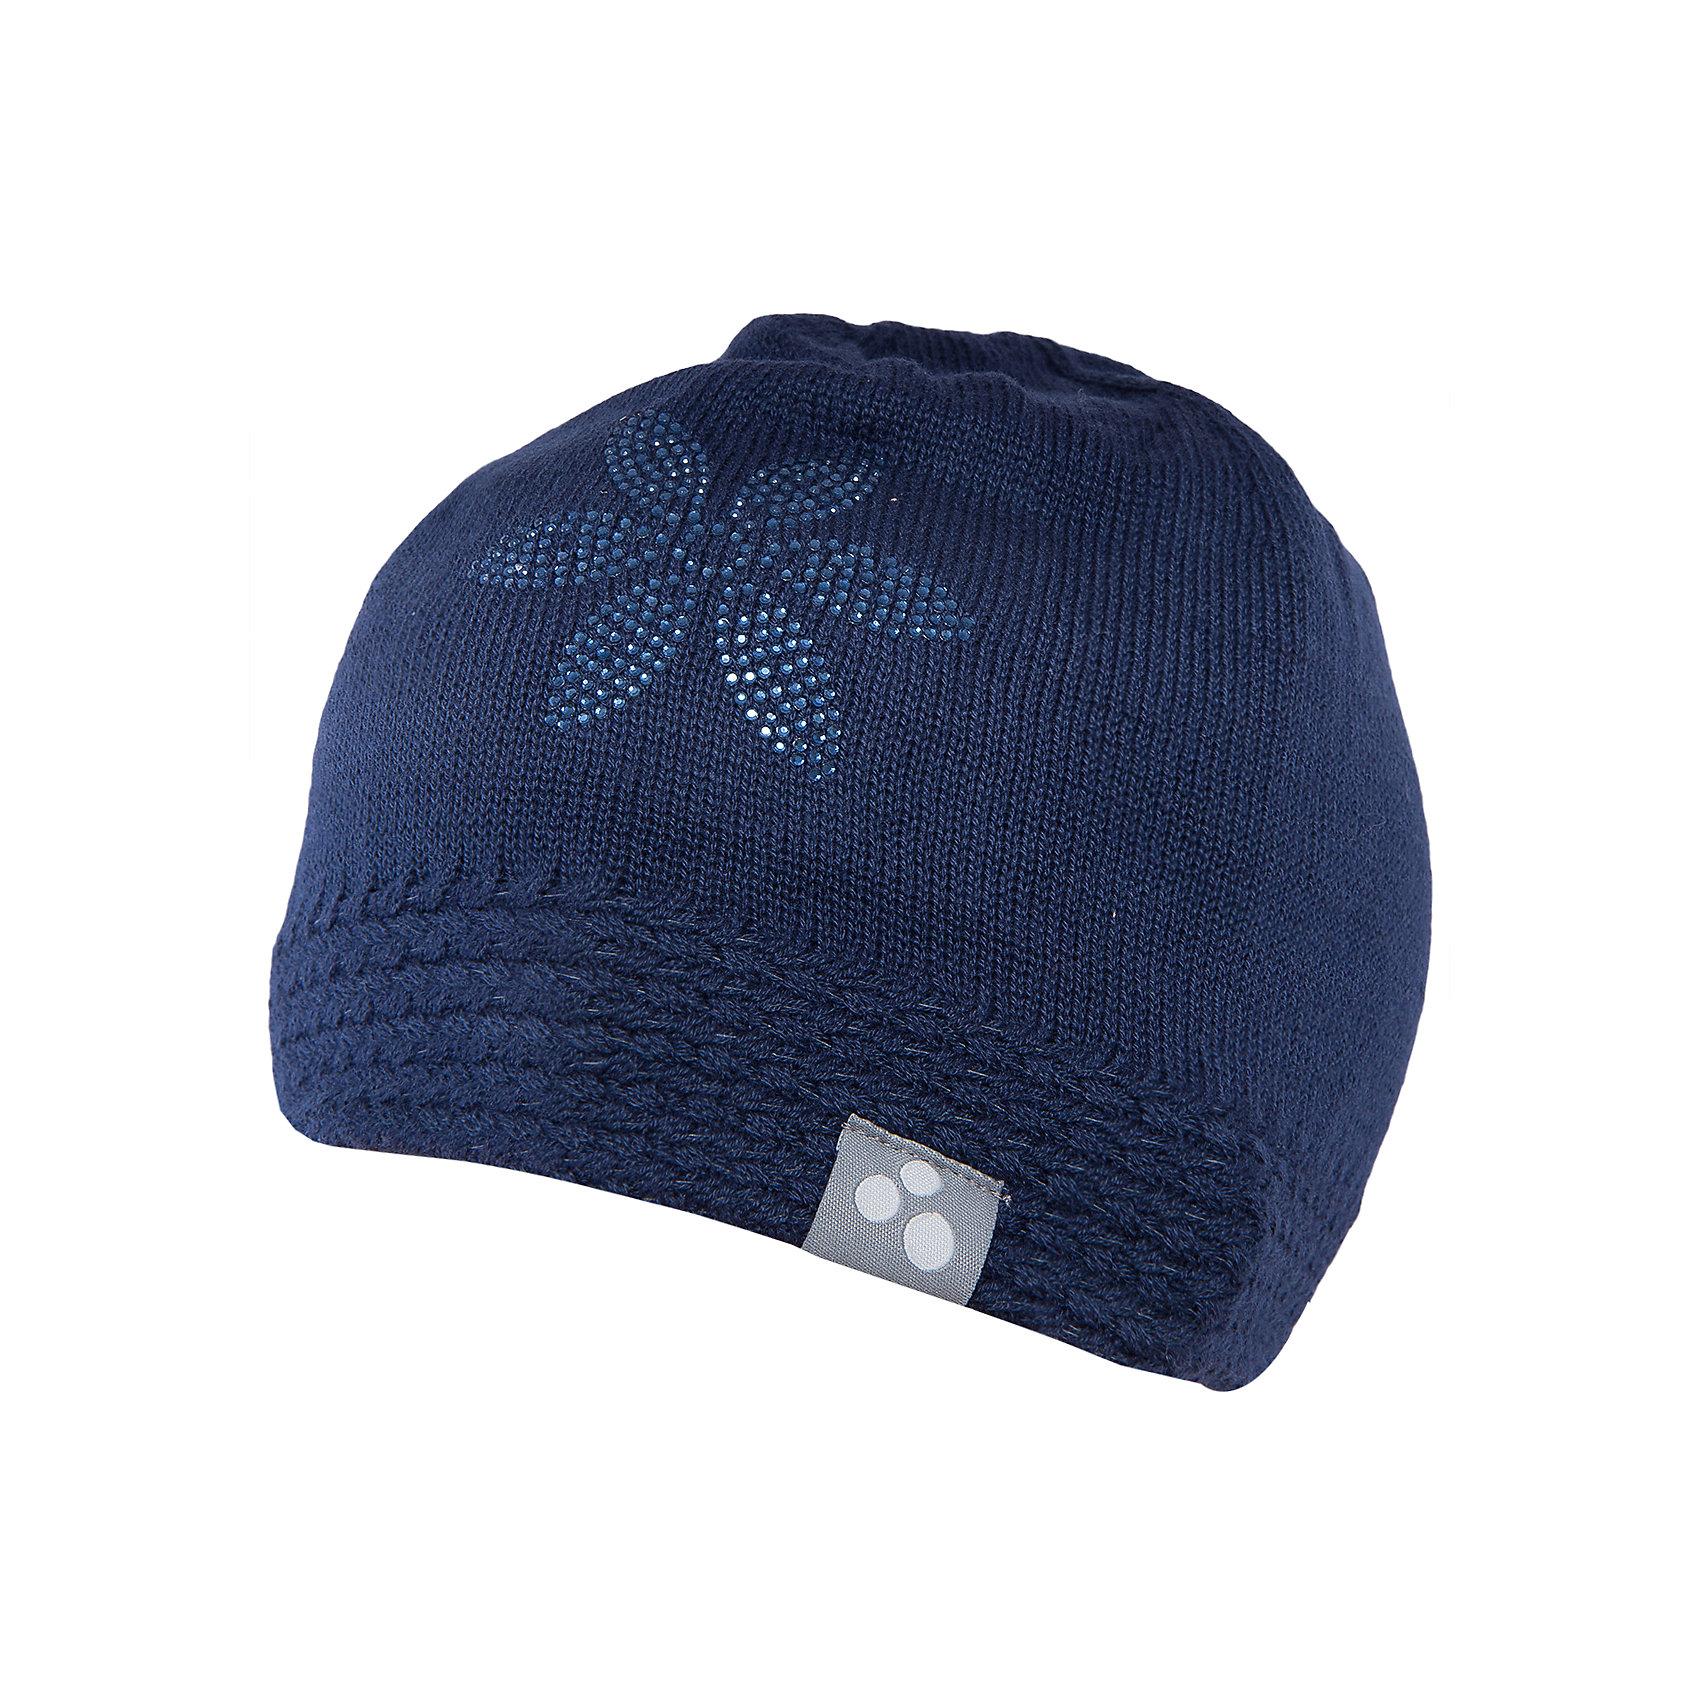 Шапка для девочки HuppaГоловные уборы<br>Вязаная шапка ELIISA Huppa(Хуппа) выполнена из шерсти мериноса и акрила. Шапка украшена вязаным цветком и стразами. Есть резиночка и светоотражающие элементы по нижнему краю. Такая шапочка приятно согреет девочку в холода.<br><br>Дополнительная информация:<br>Материал: 50% шерсть мериноса, 50% акрил<br>Цвет: темно-синий<br><br>Шапку ELIISA Huppa(Хуппа) можно купить в нашем интернет-магазине.<br><br>Ширина мм: 89<br>Глубина мм: 117<br>Высота мм: 44<br>Вес г: 155<br>Цвет: синий<br>Возраст от месяцев: 84<br>Возраст до месяцев: 120<br>Пол: Женский<br>Возраст: Детский<br>Размер: 55-57,55-57,51-53<br>SKU: 4928902